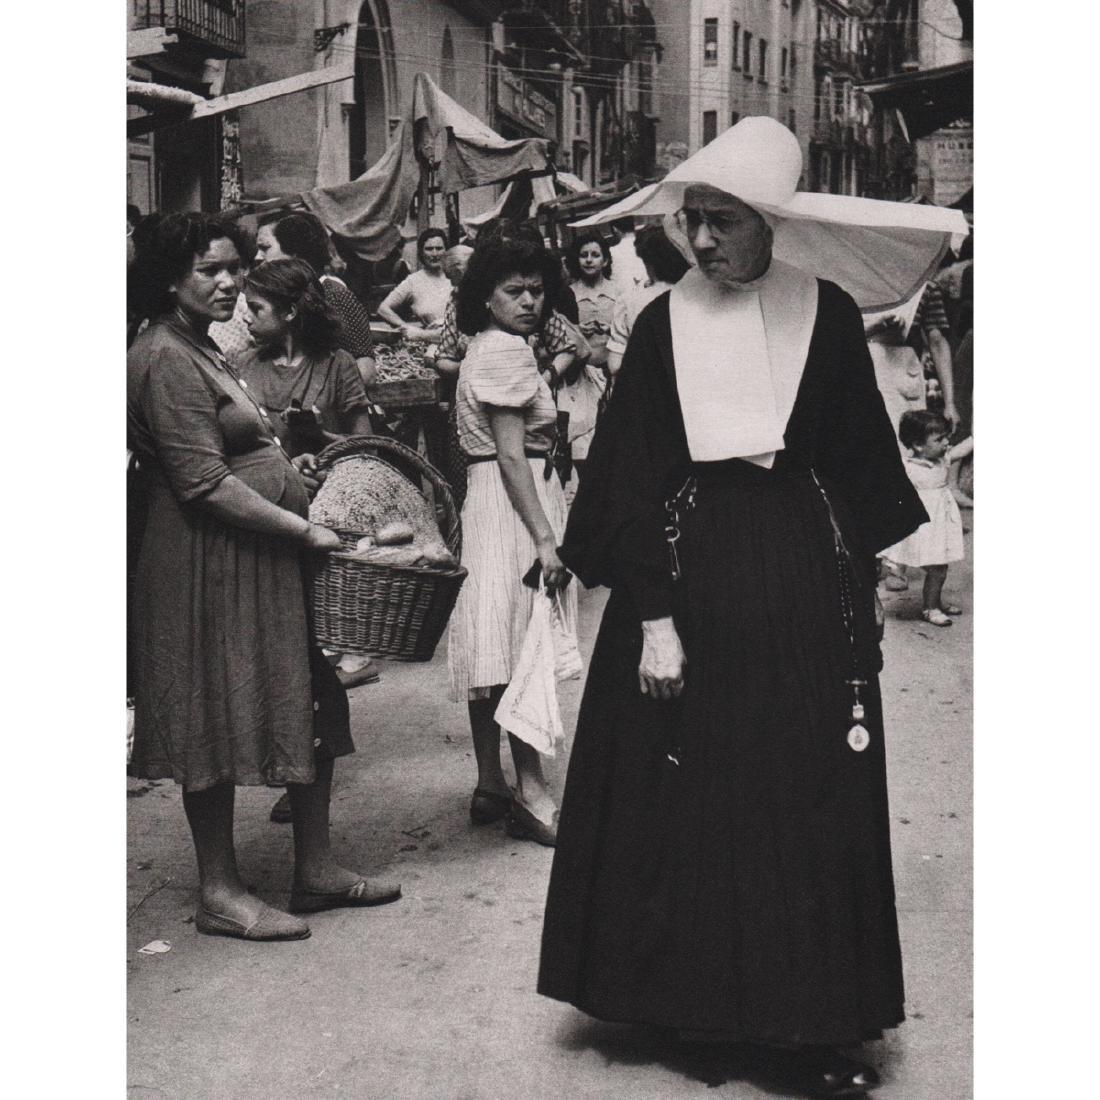 JEAN DIEUZAIDE - Valence, 1951